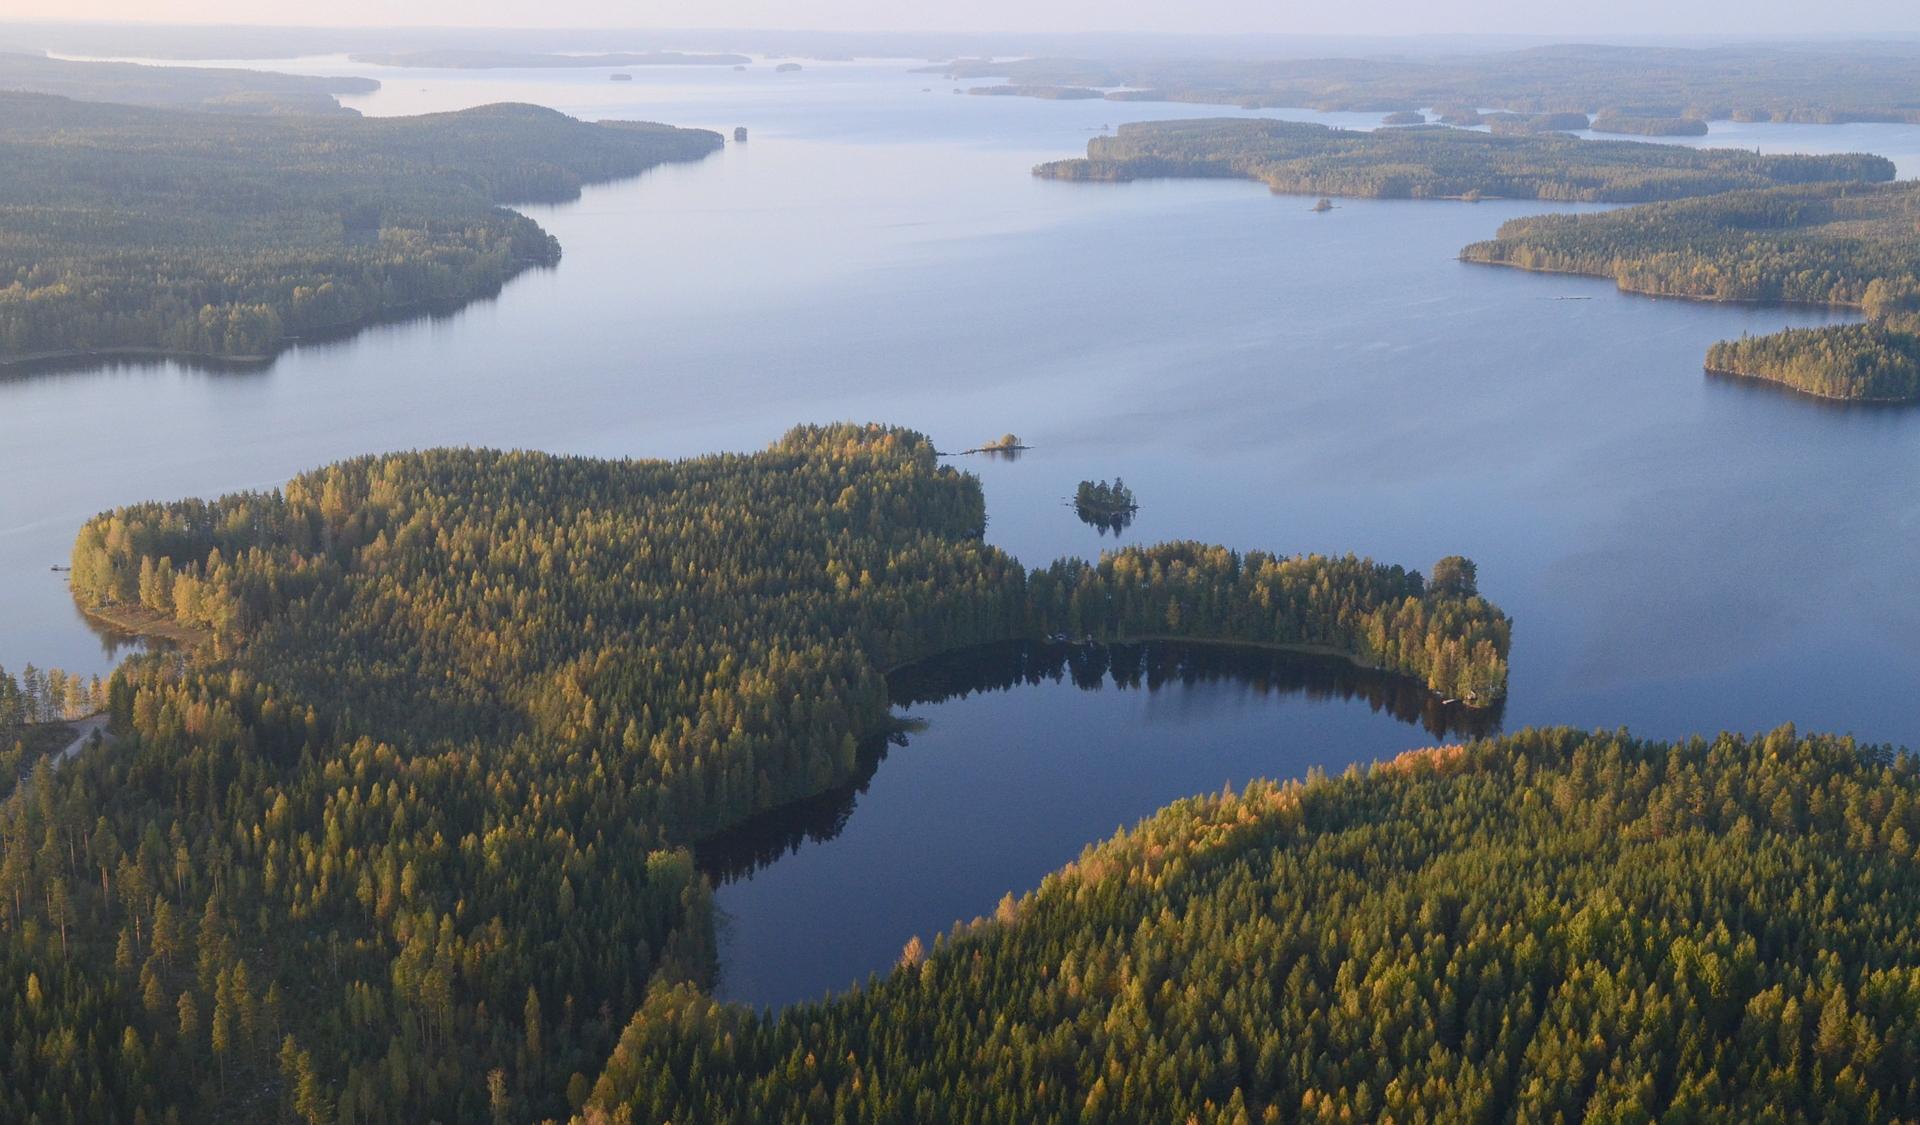 Lähimpänä Suottarinlahti Aittoniemen kainalossa. Pyhäjärvi pohjoisen suuntaan nähtynä.